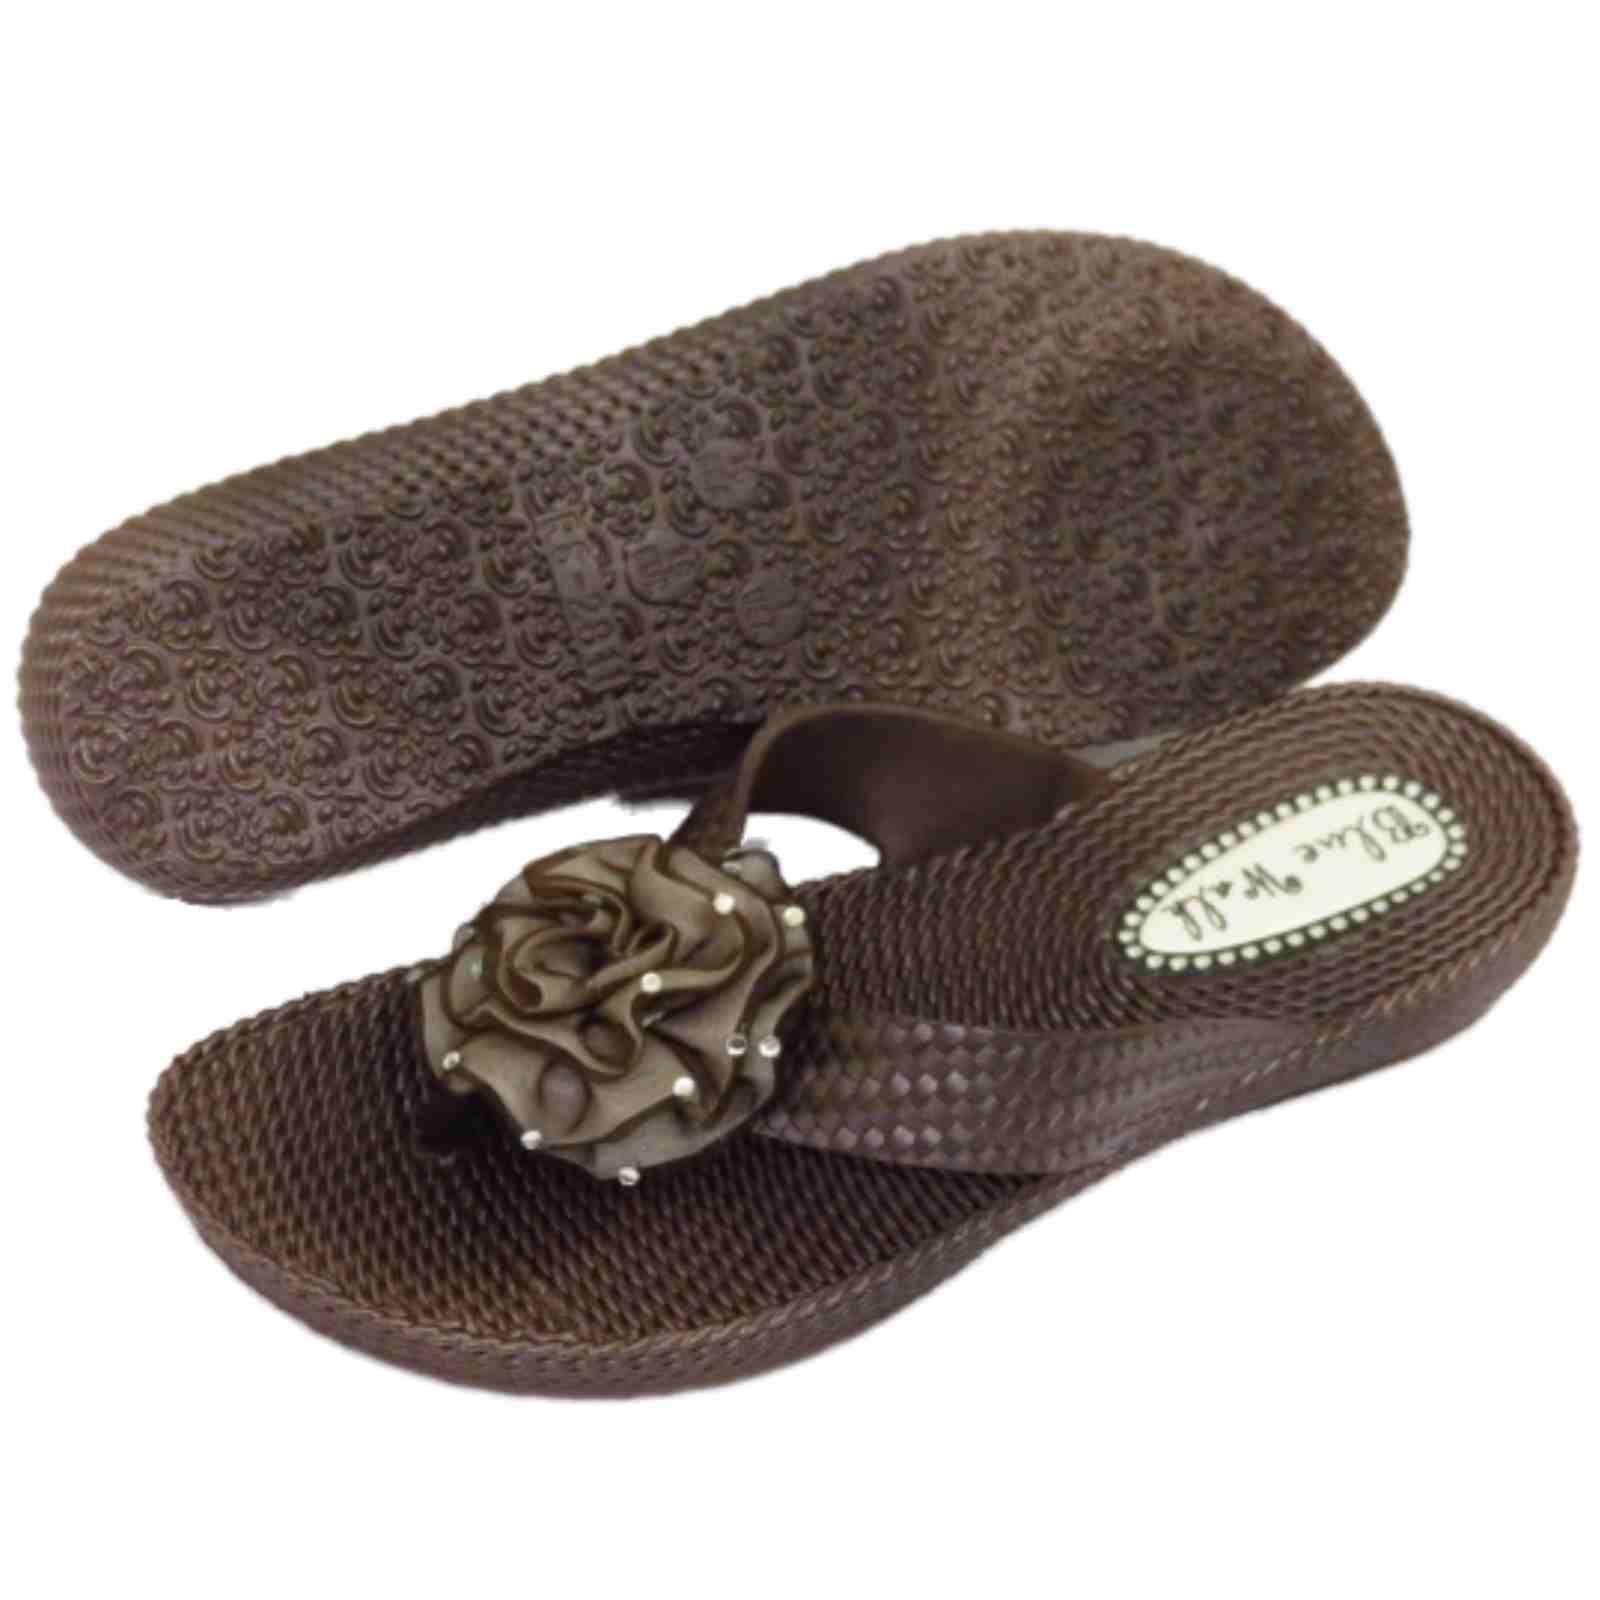 damen flach braun zehensteg riemen sandalen flip flop. Black Bedroom Furniture Sets. Home Design Ideas